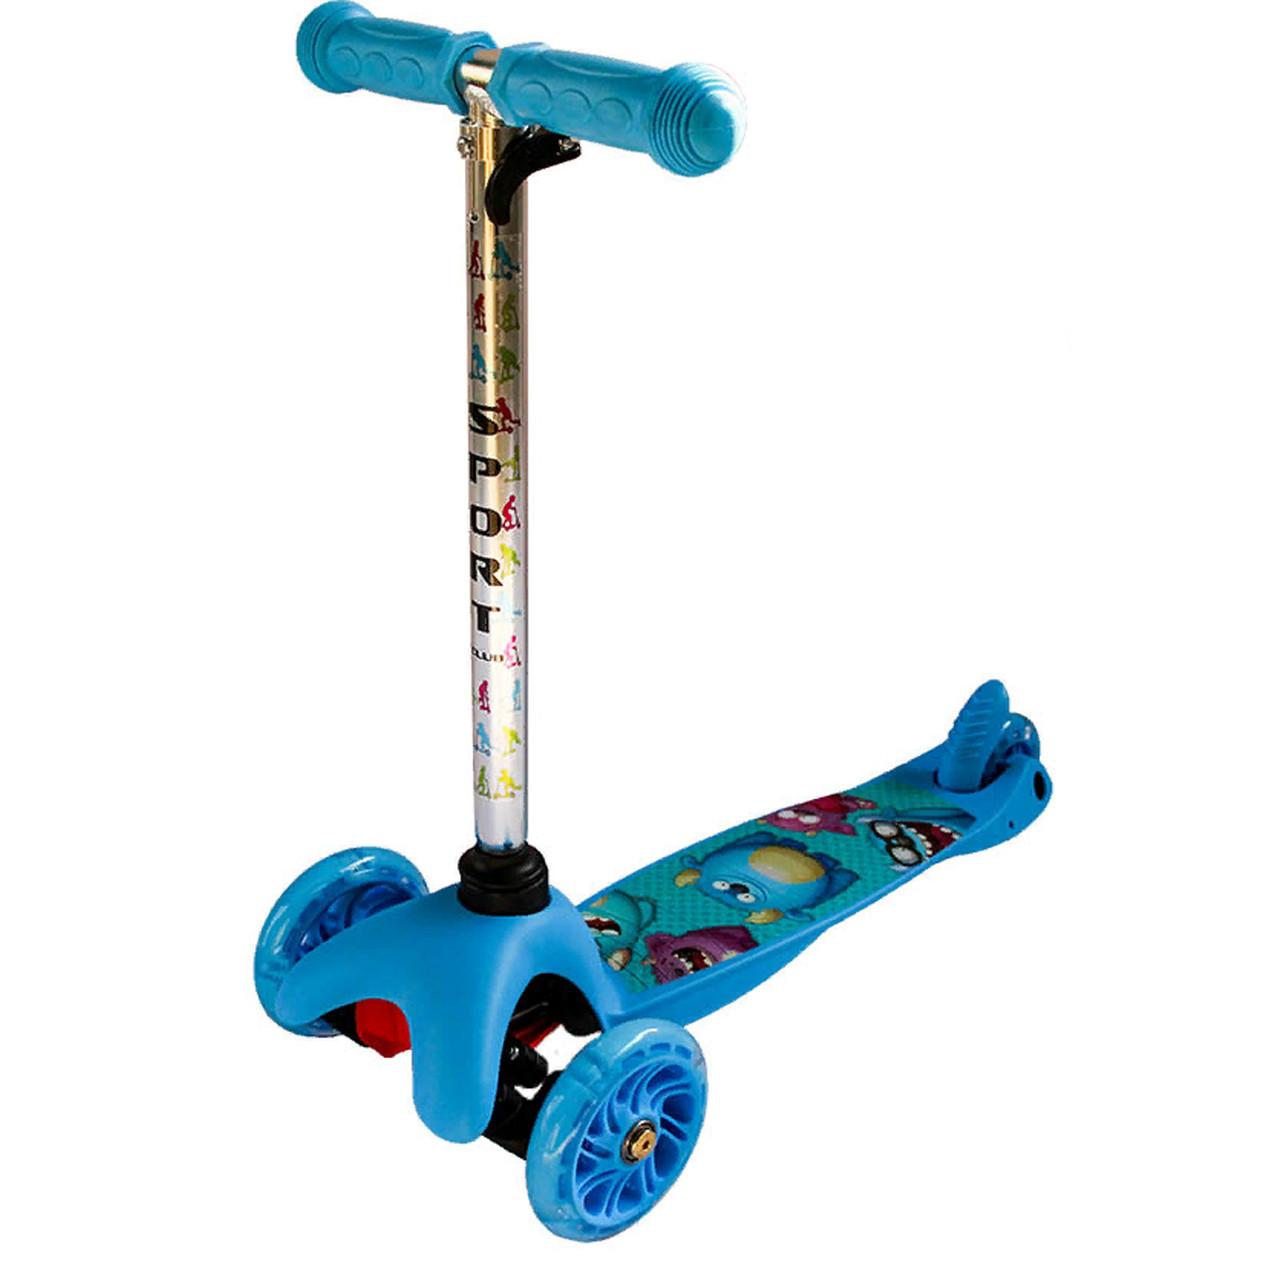 Трехколесный самокат с светящимися полиуретановыми колесами  мини синий